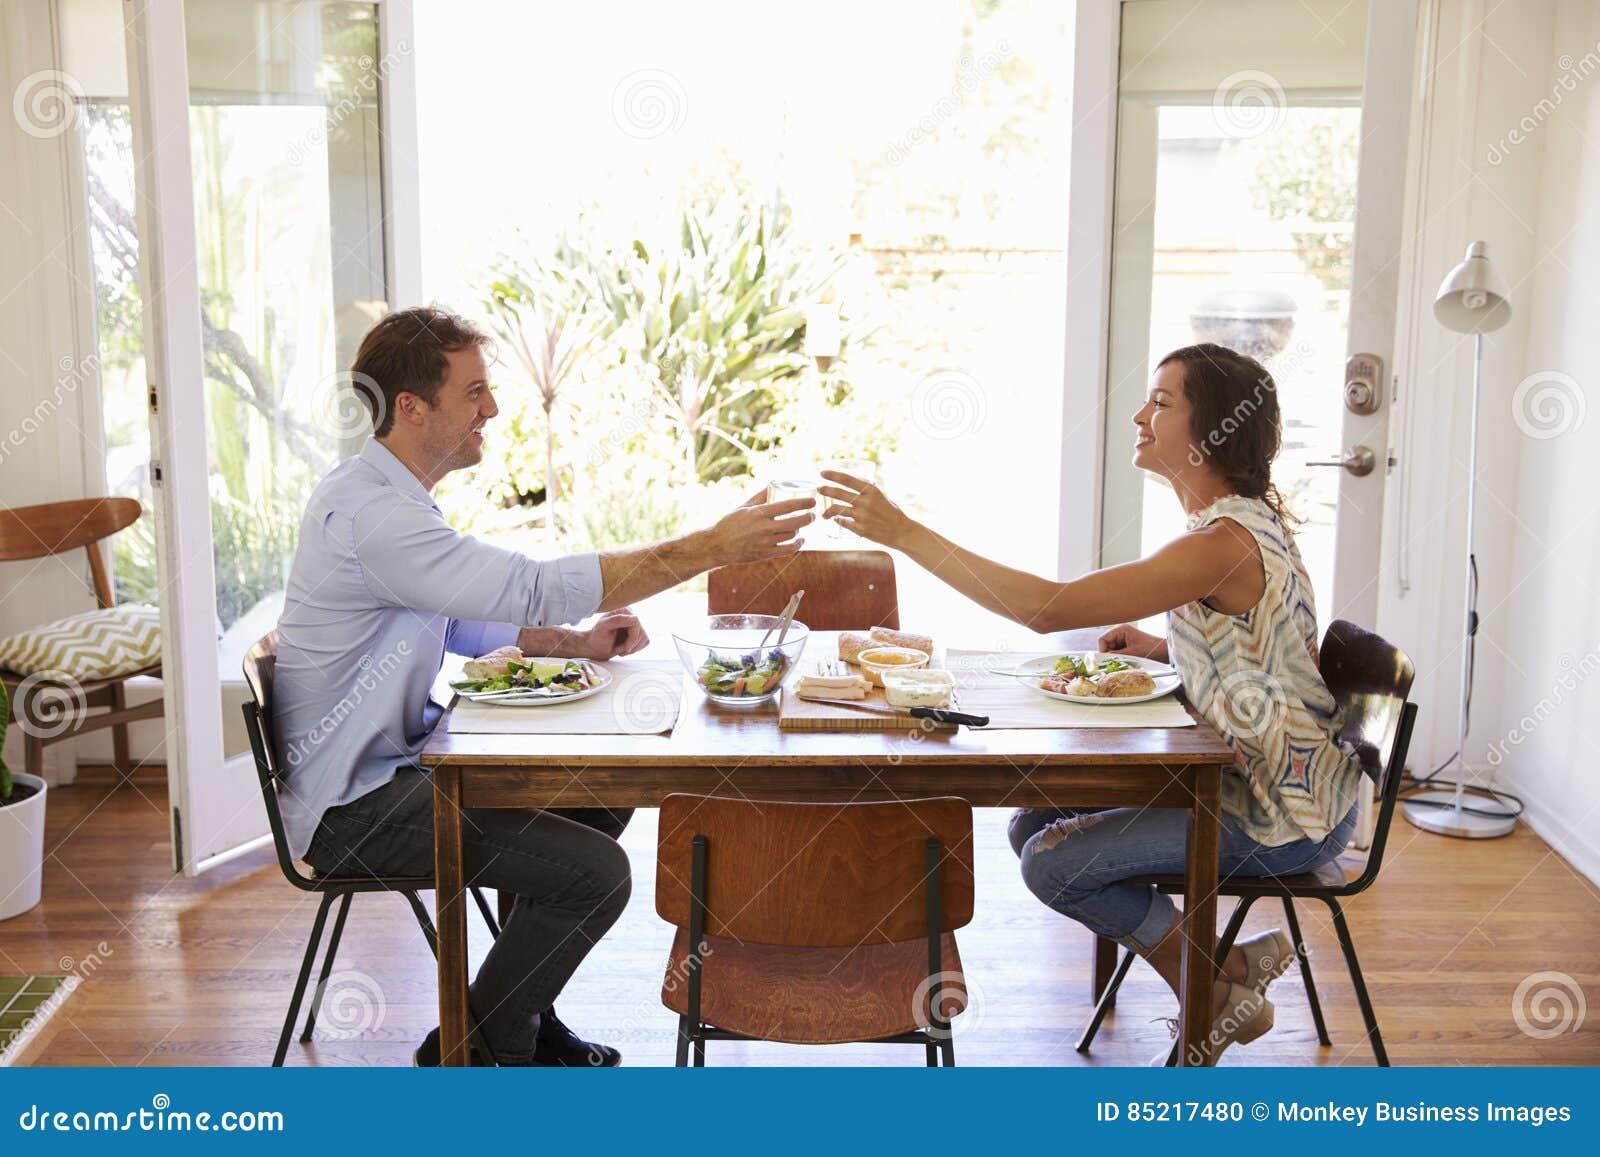 Het paar maakt een Toost aangezien zij van Maaltijd thuis samen genieten